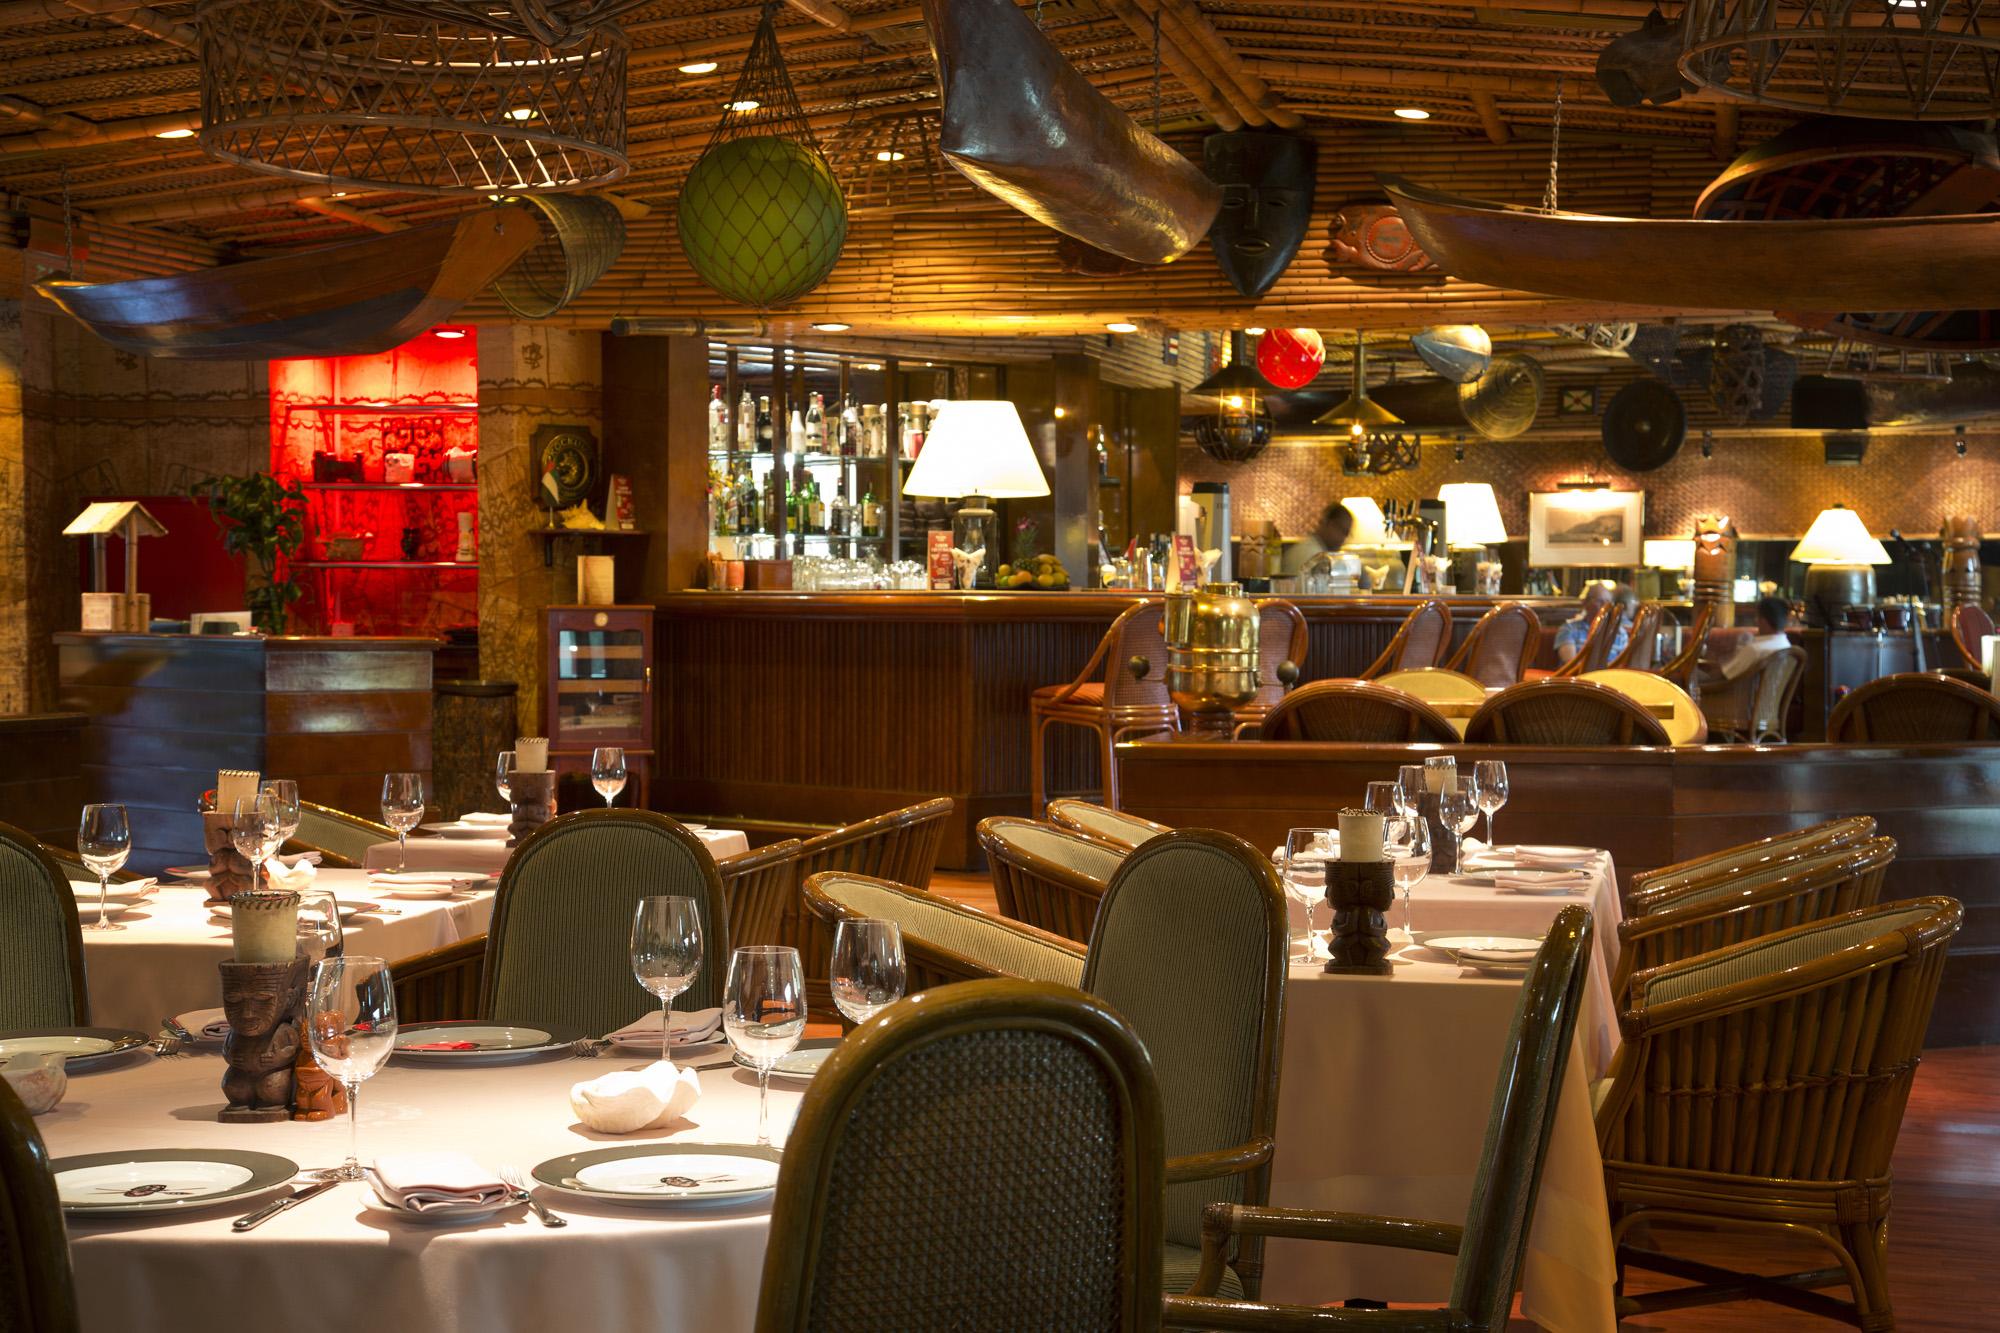 افضل المطاعم التي توجد في الرياض (2)